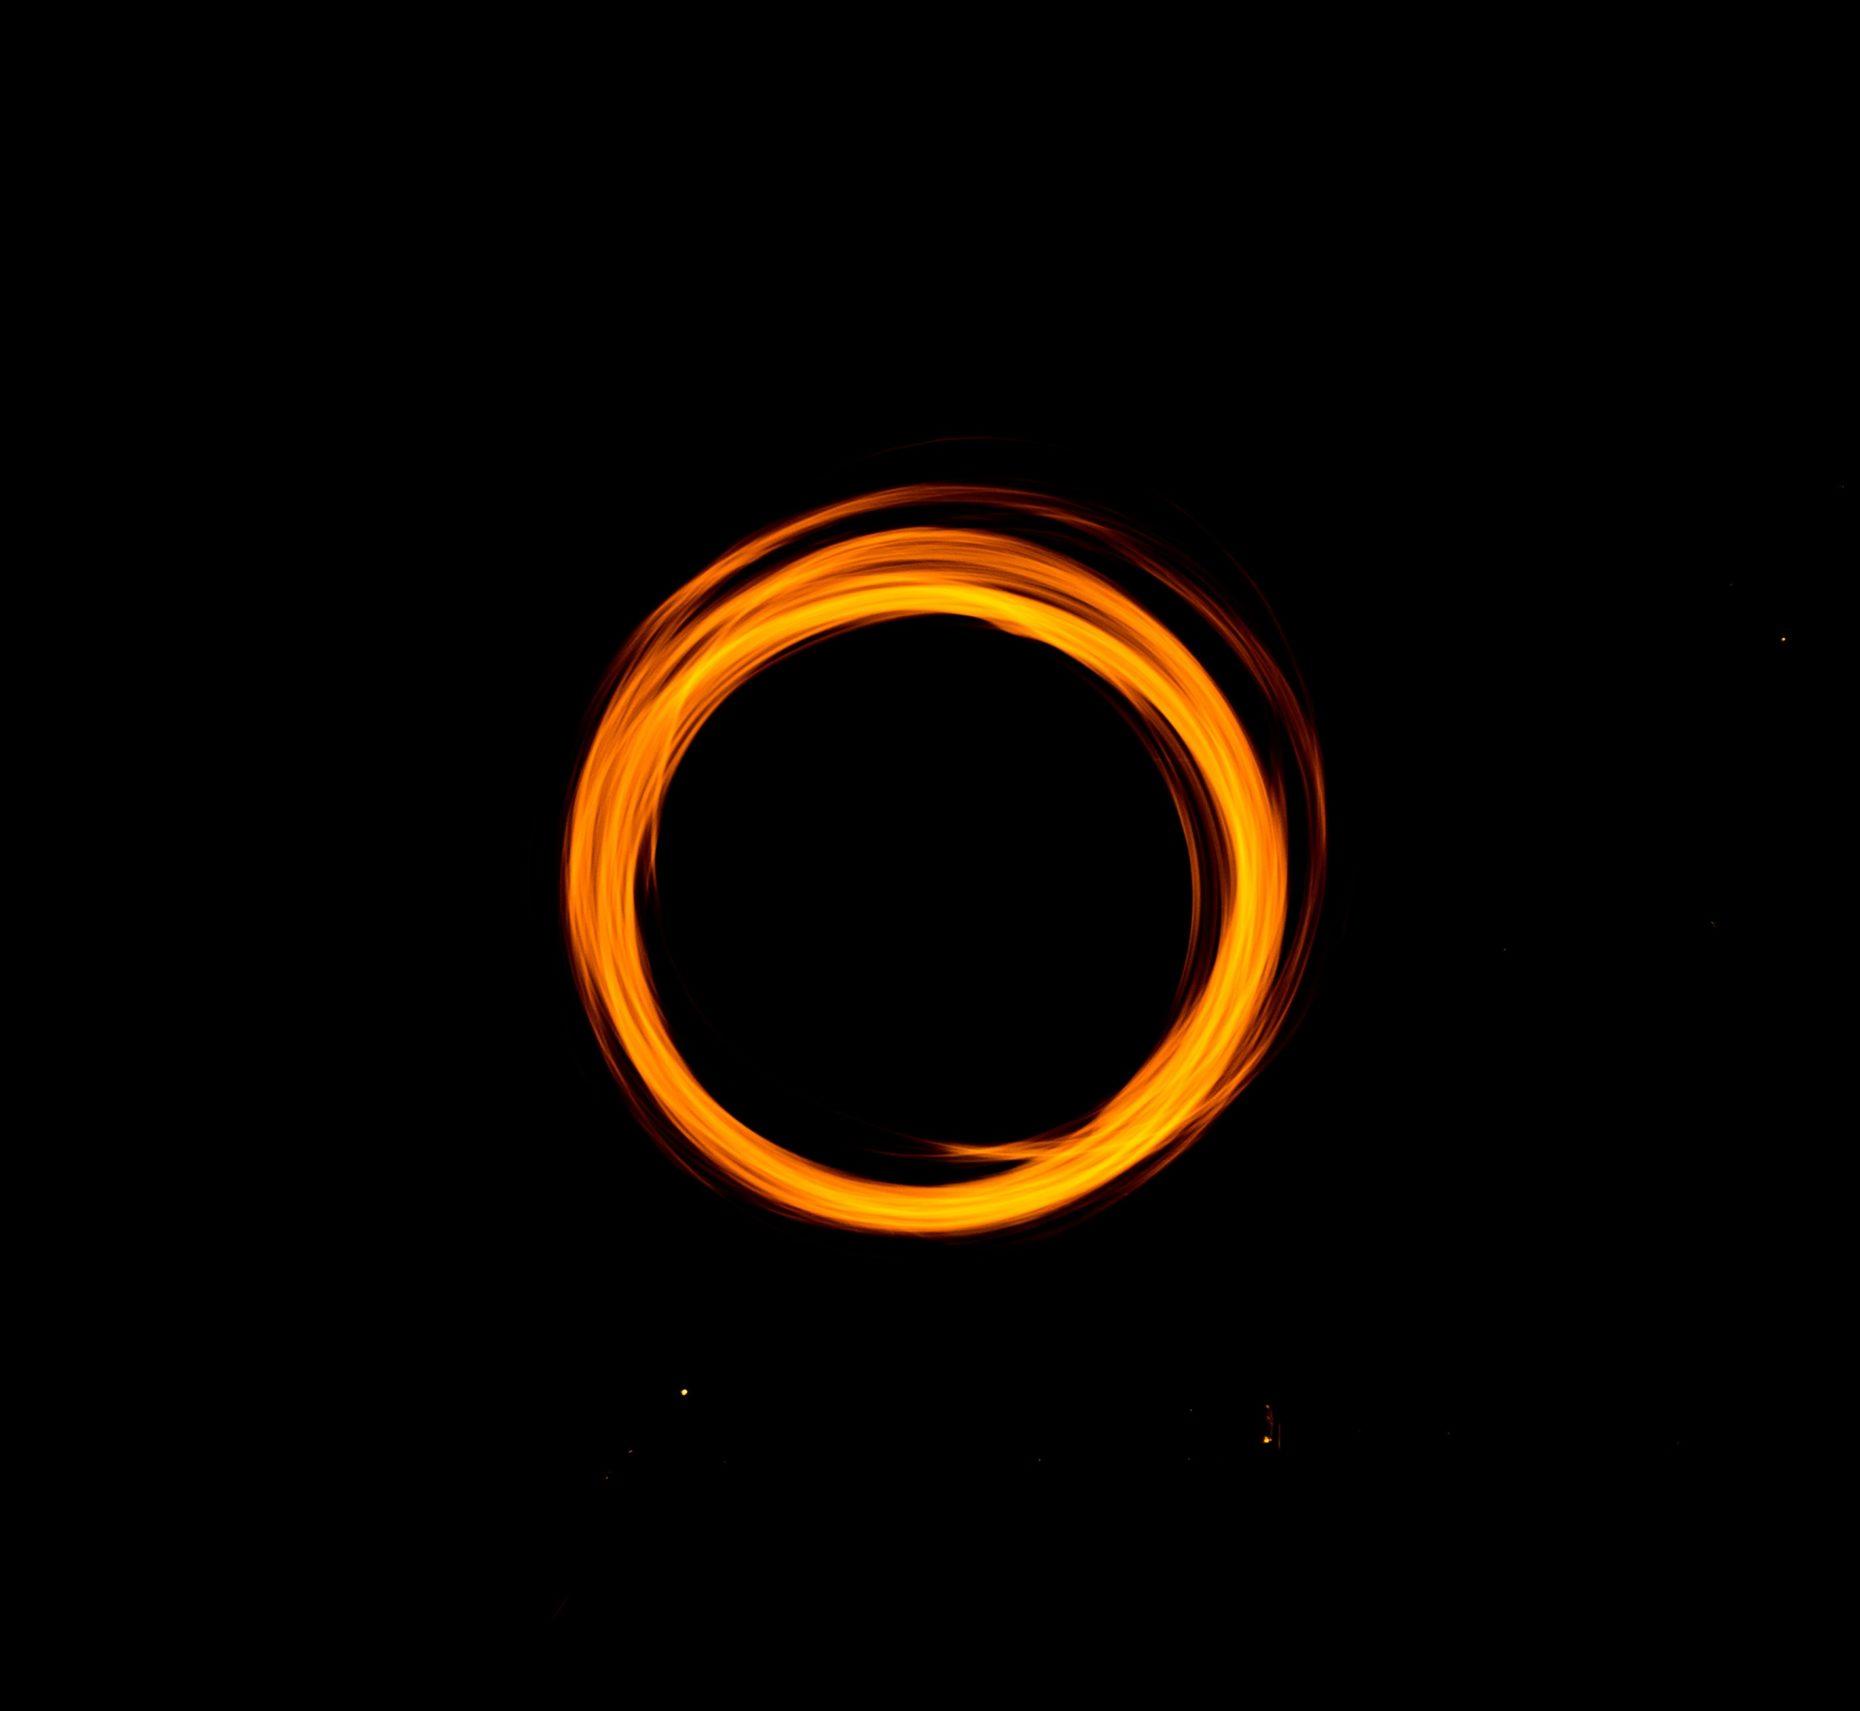 foto-lingkaran-cahaya-jeremy-perkins